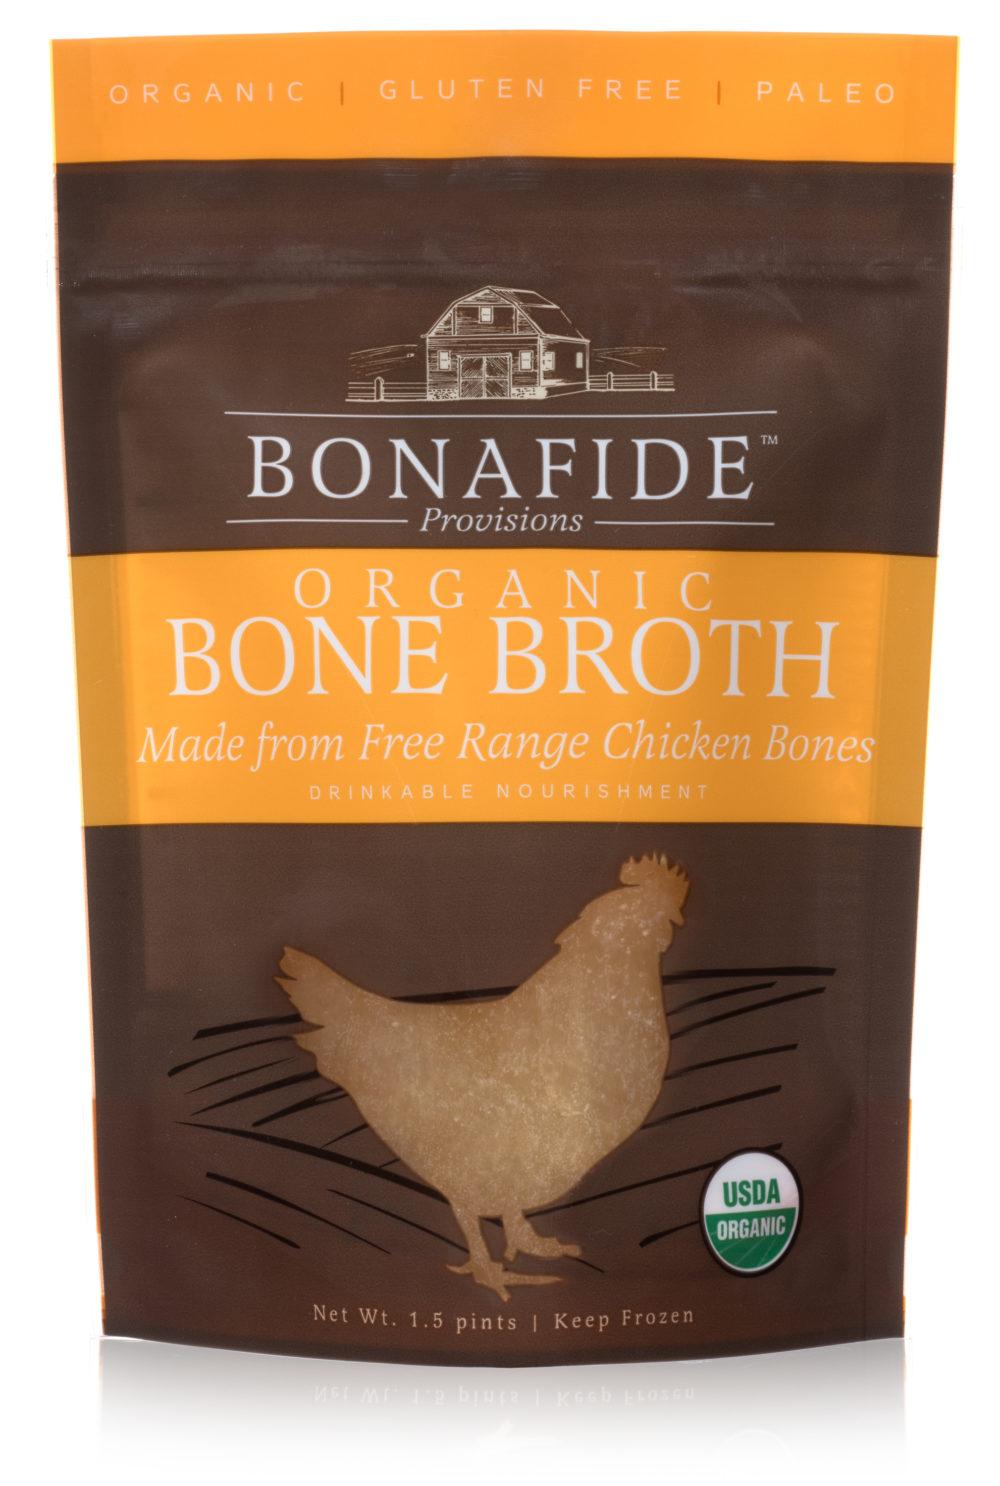 bonebrothchicken.jpg